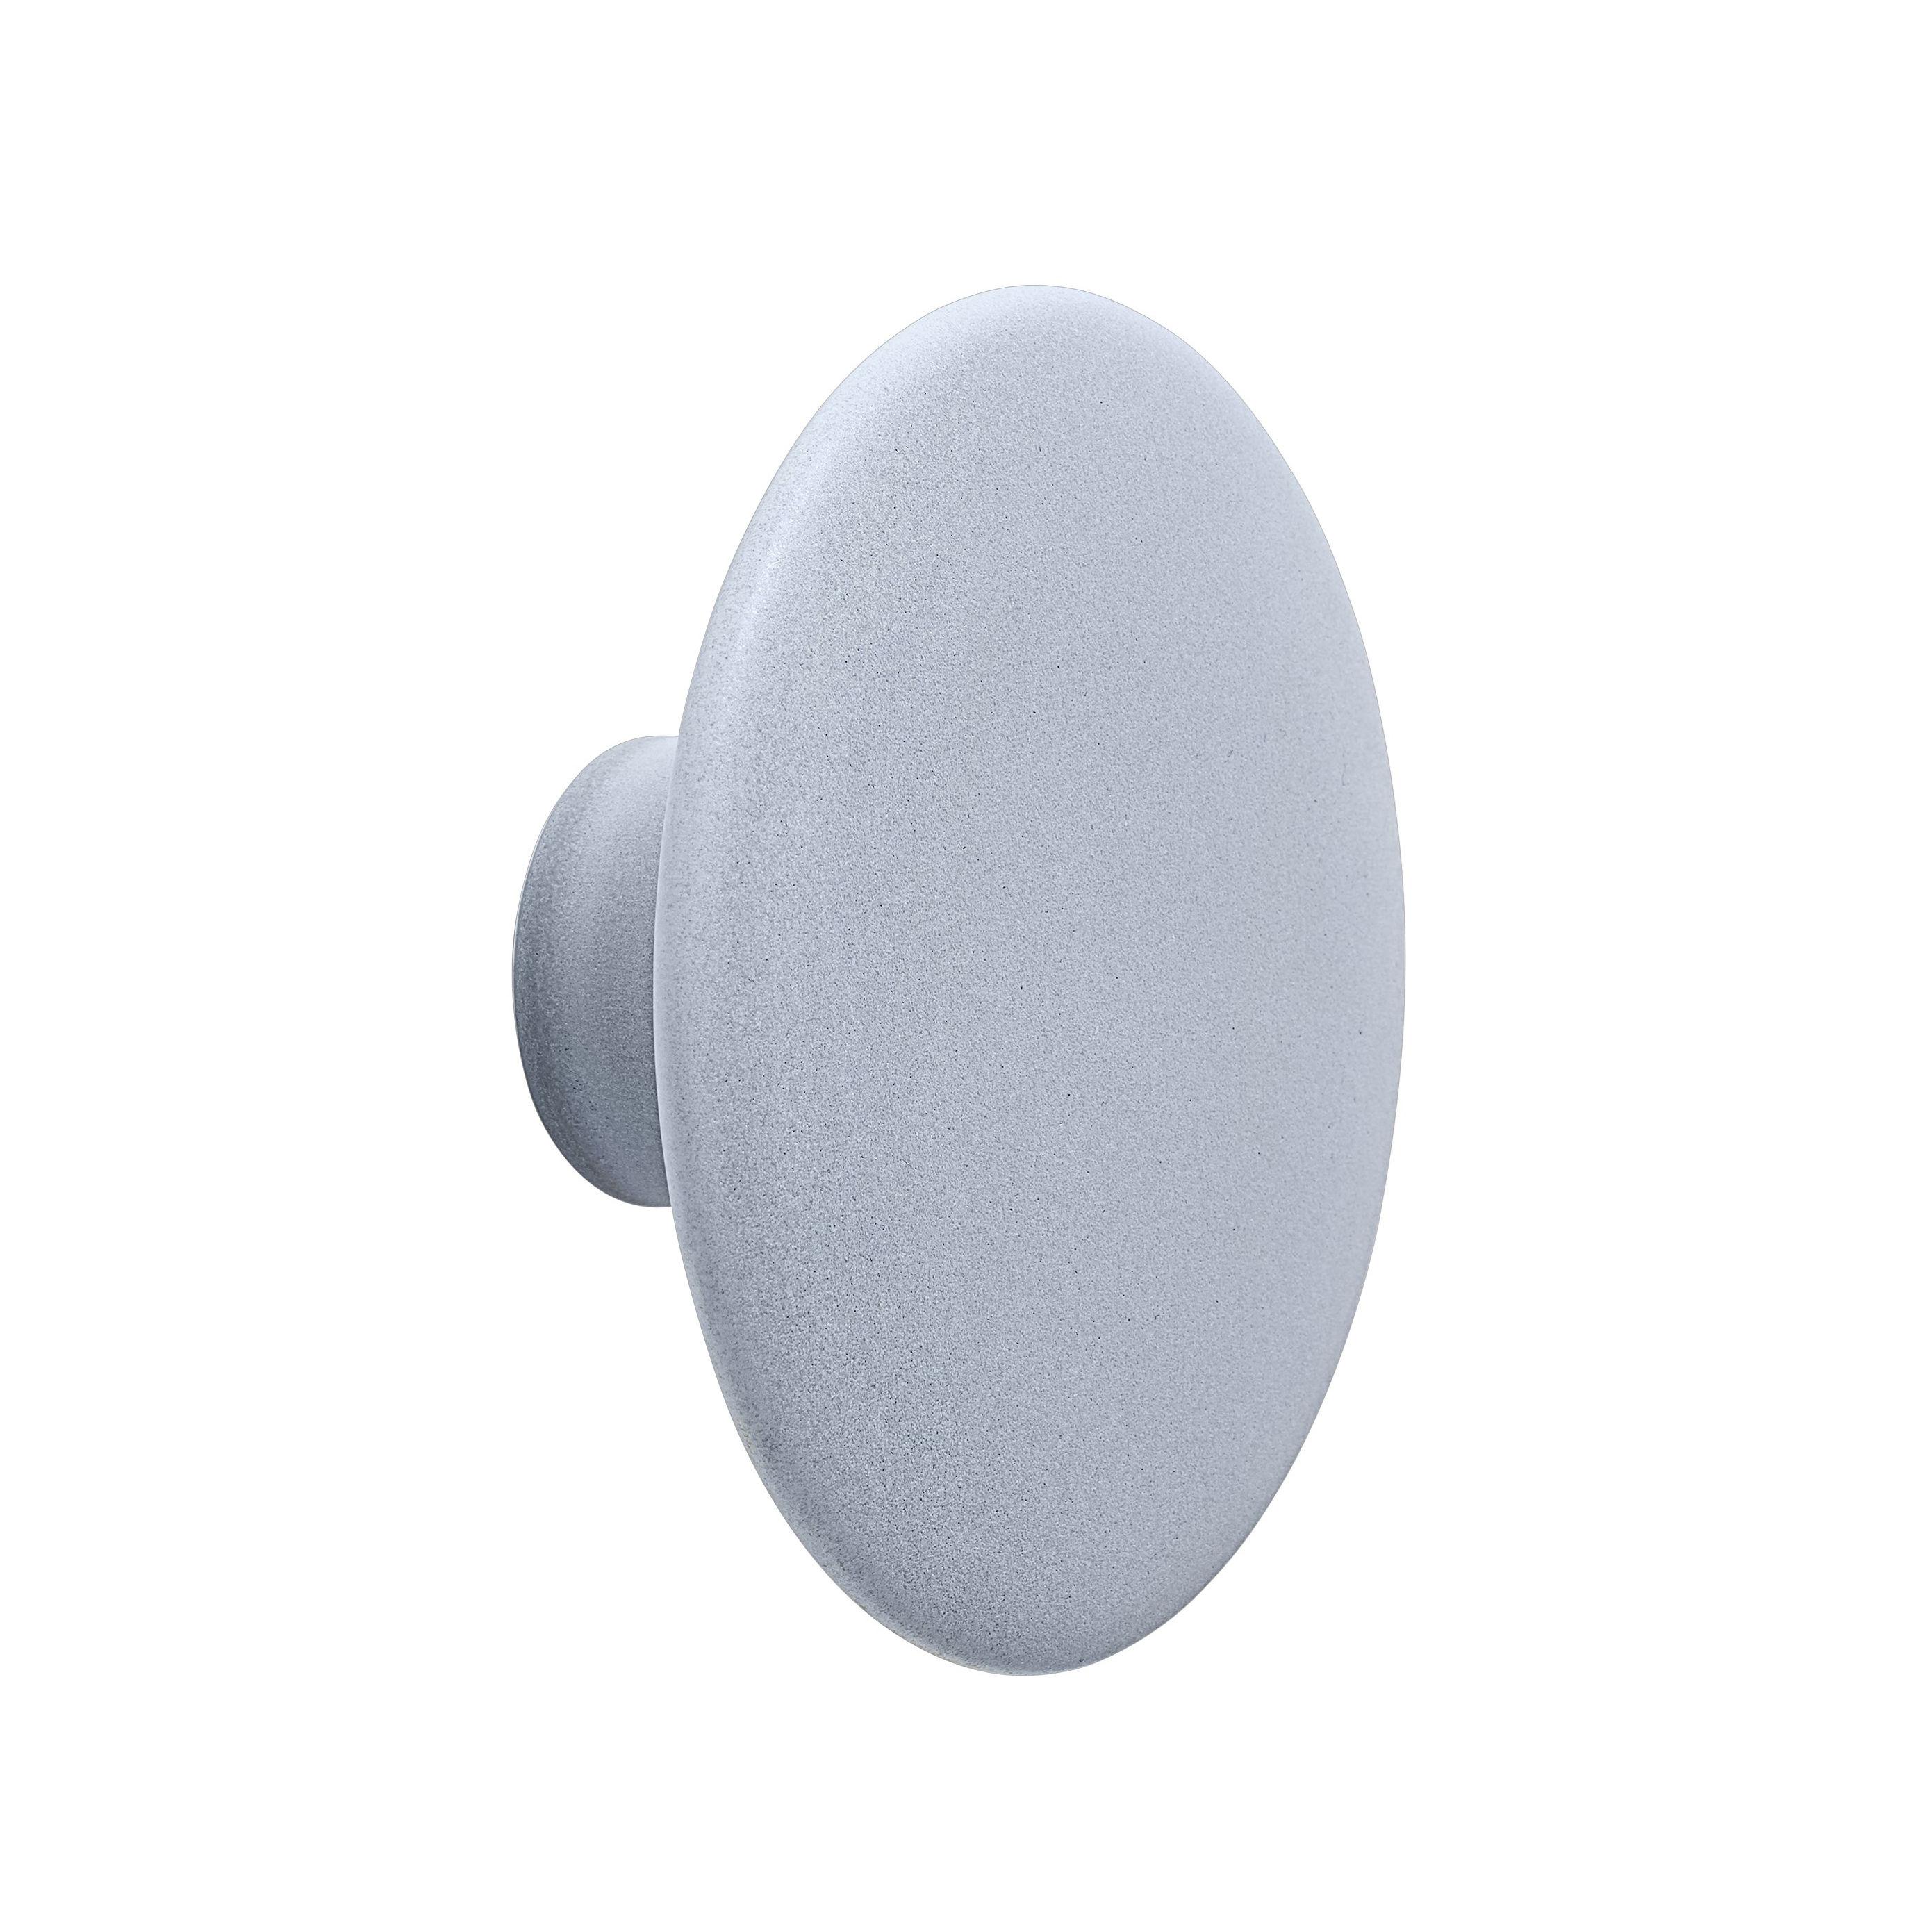 Furniture - Coat Racks & Pegs - The Dots Ceramic Hook - / Medium - Ø 13 by Muuto - Sky blue - Enamelled earthenware